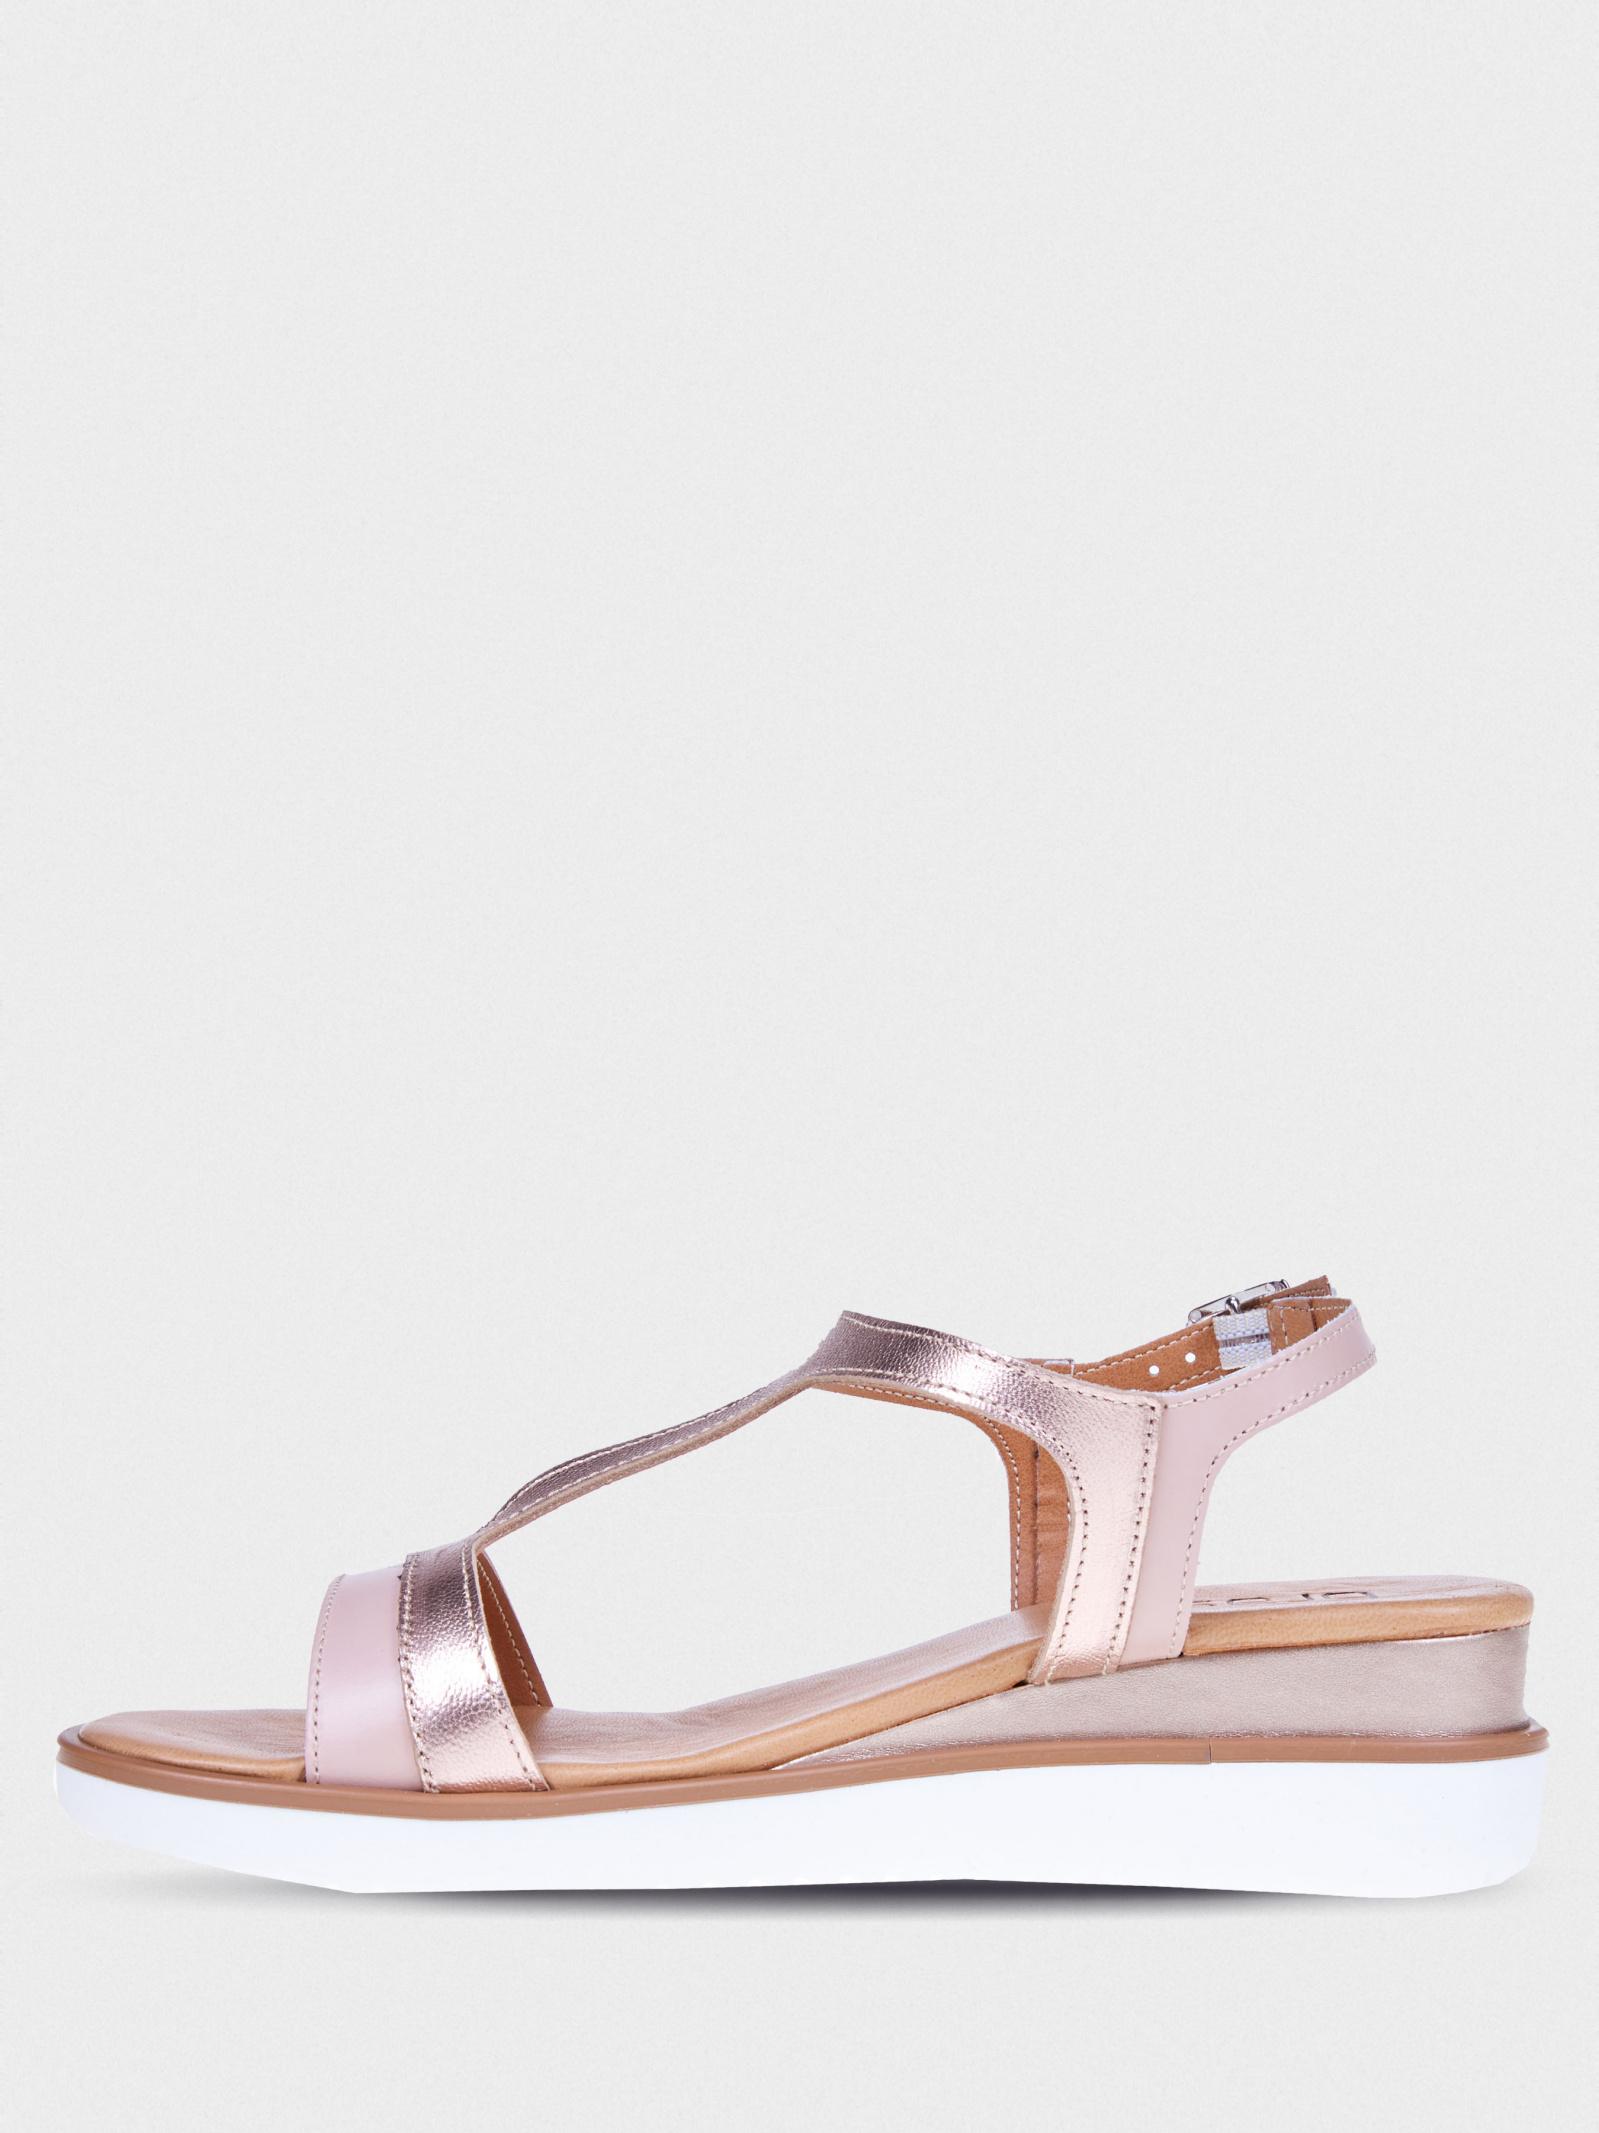 Босоніжки  для жінок Braska 211-6701/104 брендове взуття, 2017